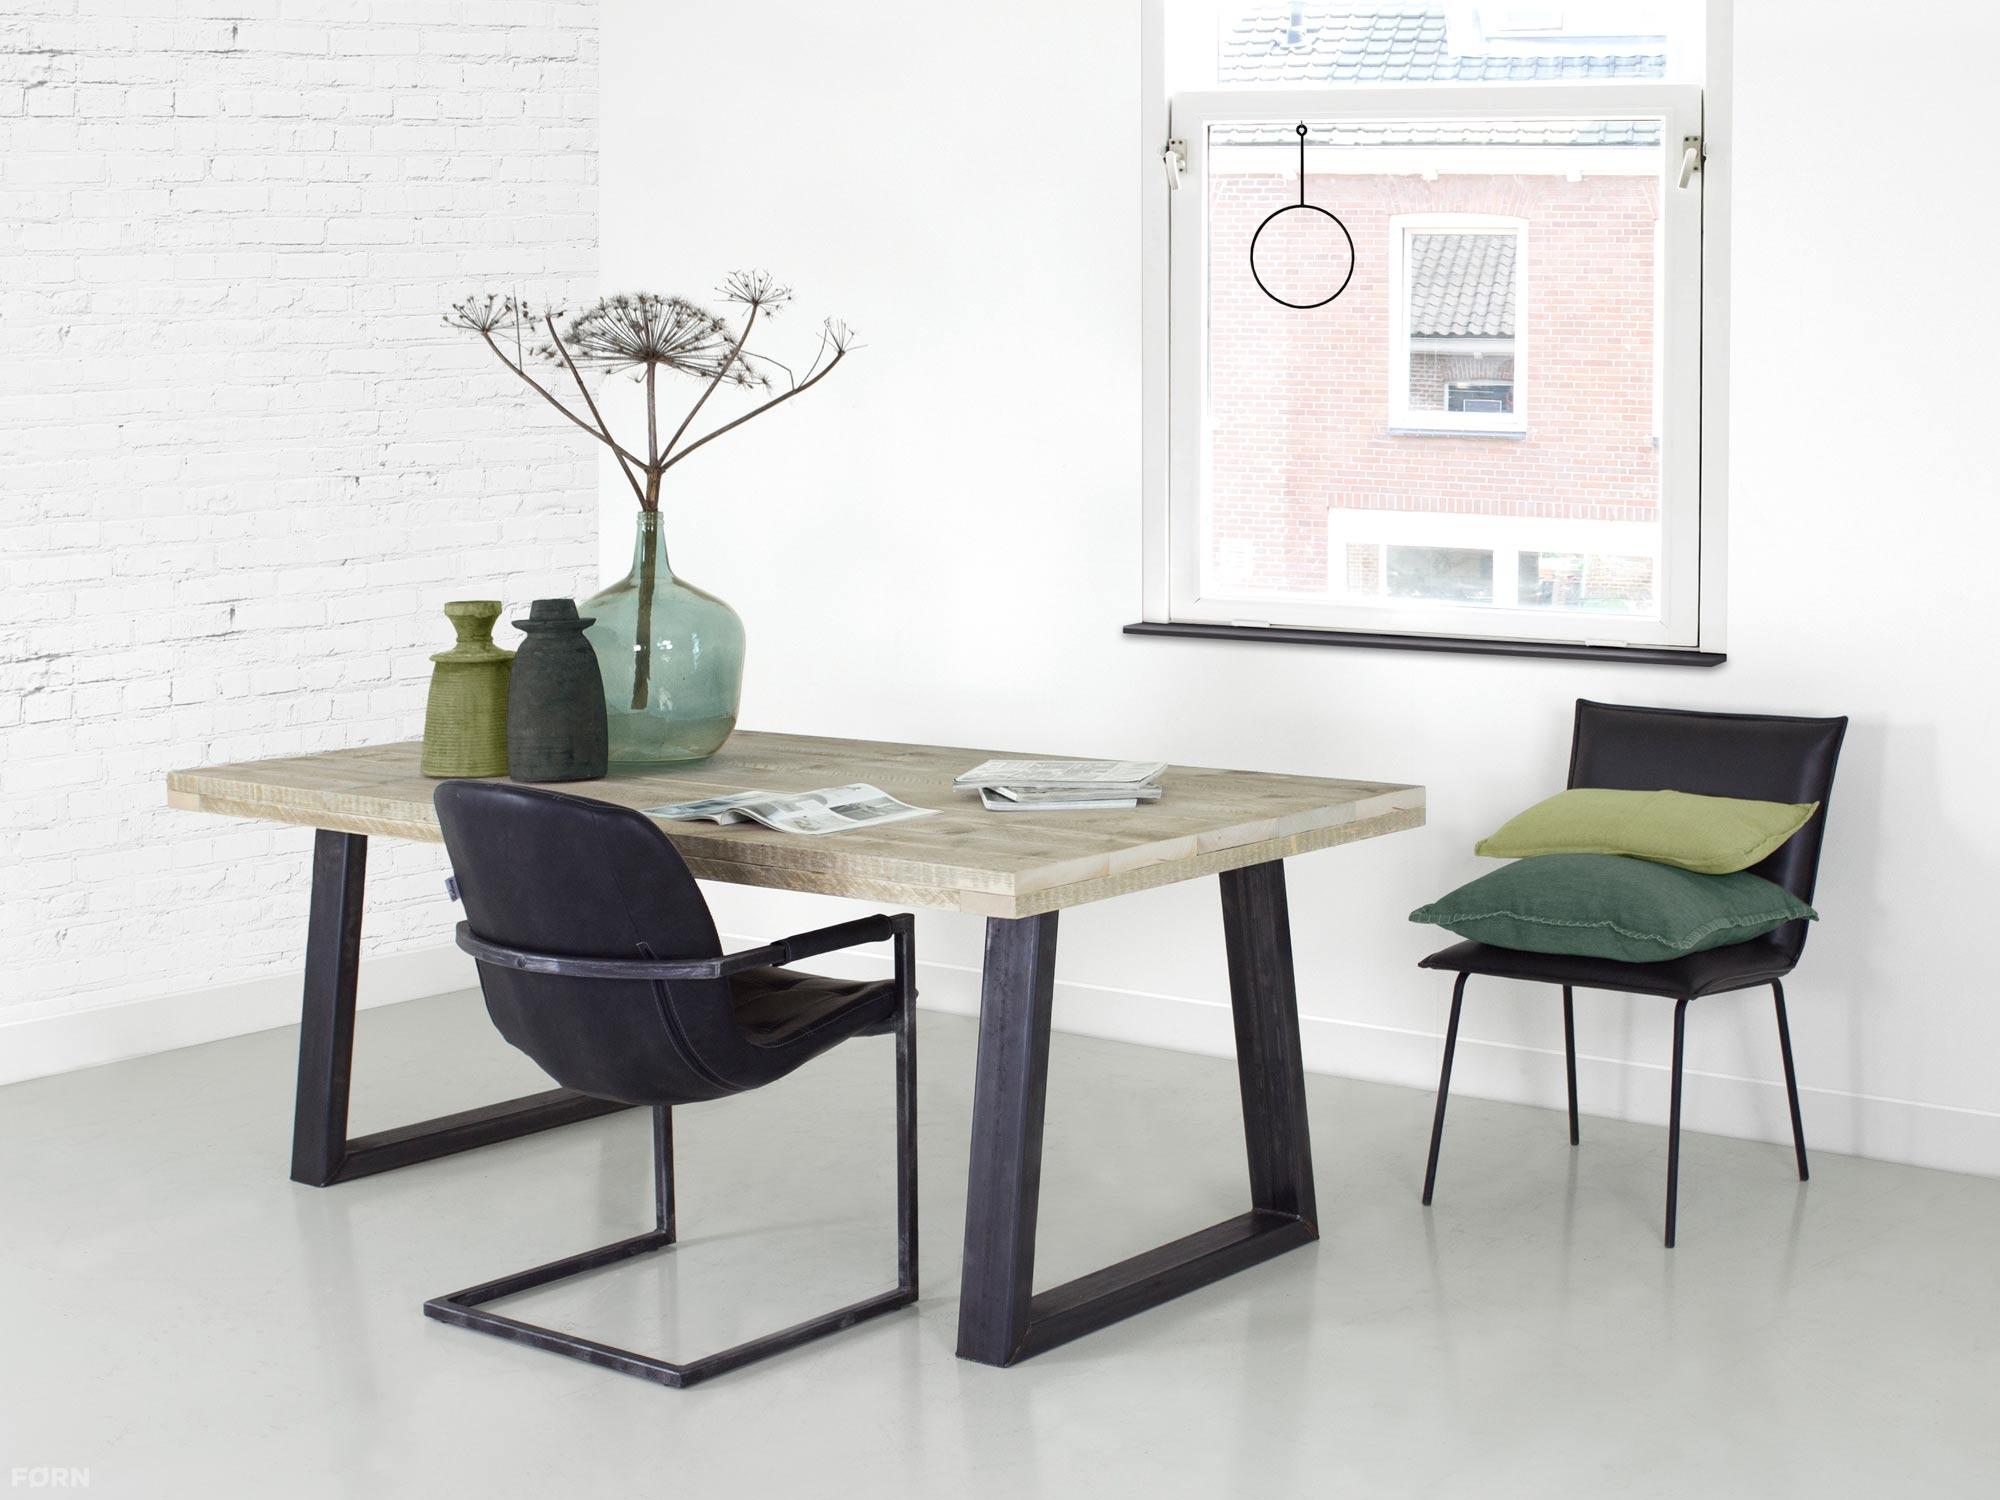 Metalen Onderstel Tafel : Industriële tafel met stalen trapeze poten